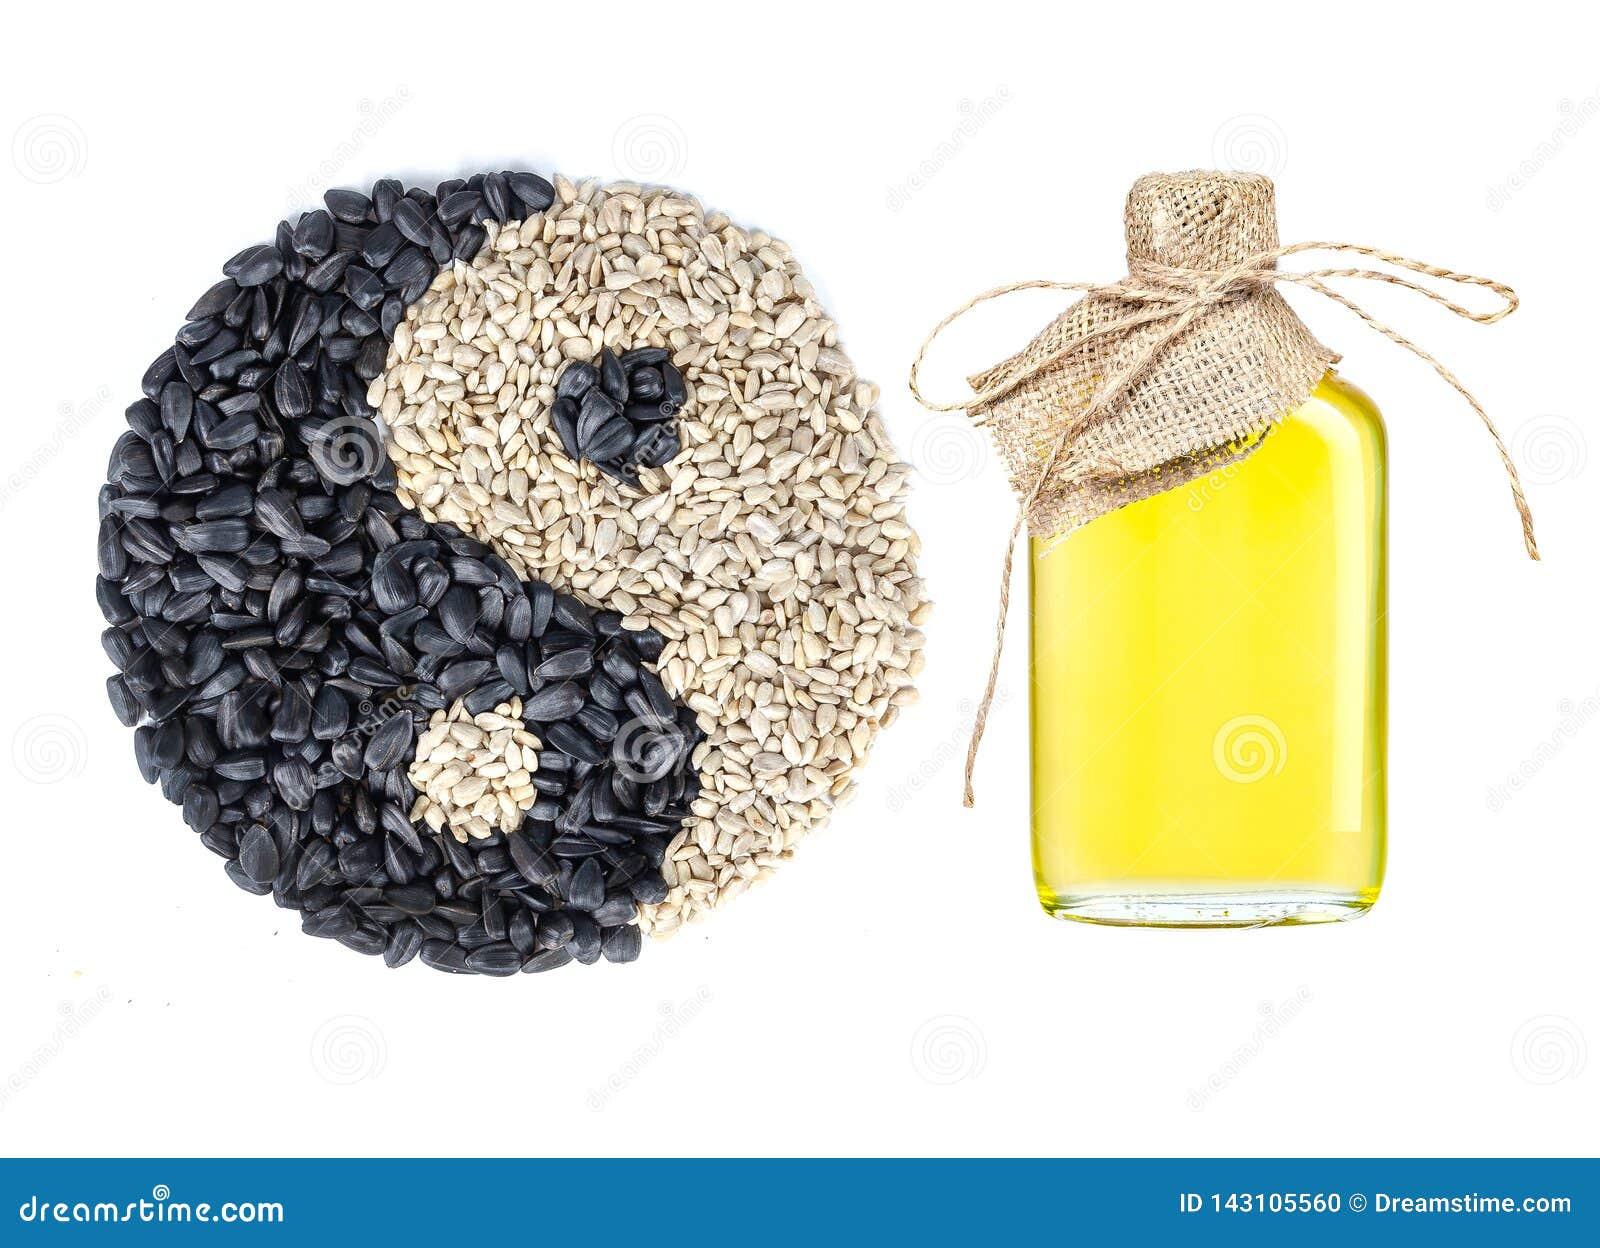 Huile de tournesol dans une bouteille en verre ouvrée et un symbole de yin et de yang faits de graines sur le backgound blanc